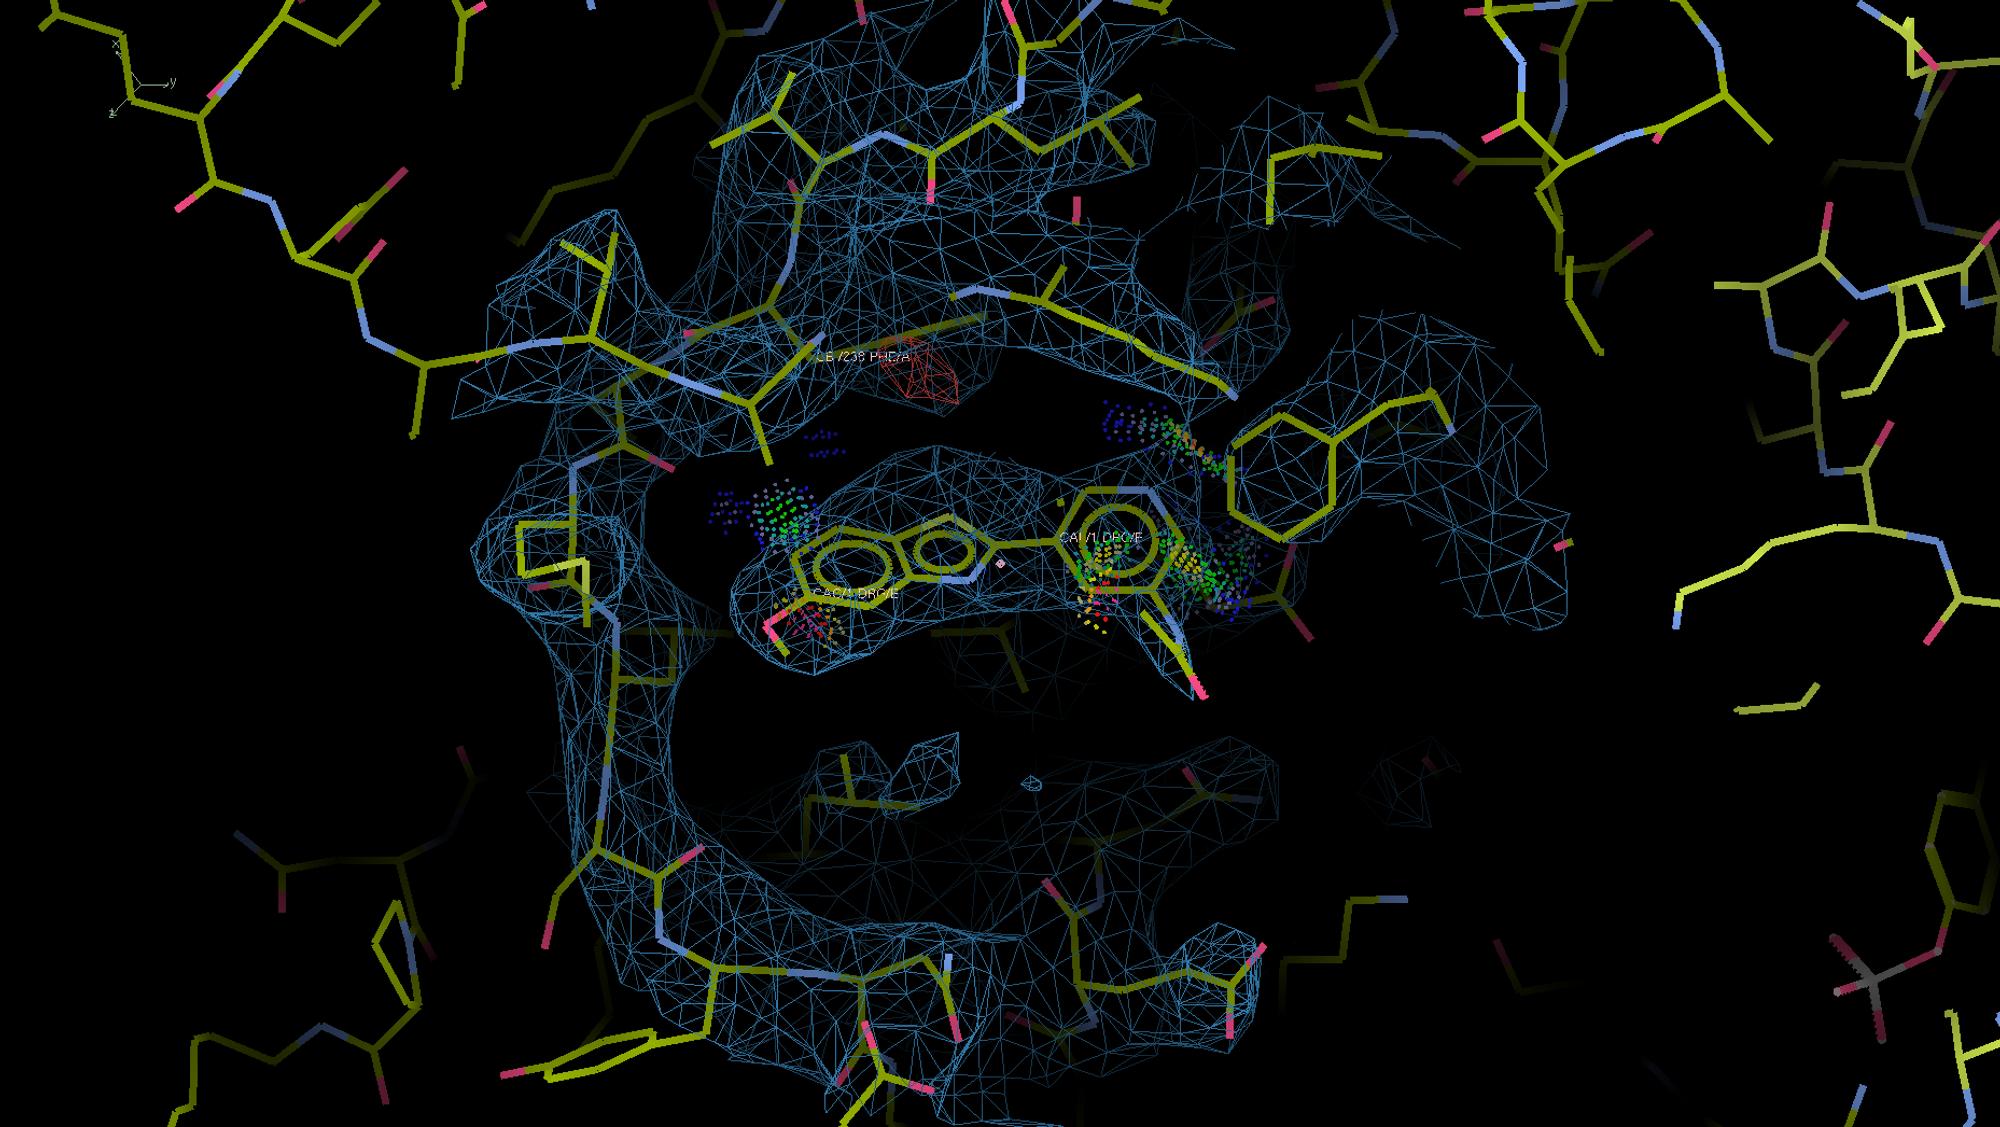 Pharmasum har funnet det de tror er det ideelle molekylet for å dempe dannelsen av et annet molekyl, fosforylert-tau og indirekte også amyloider i hjernen. Det er kjent at disse er en hovedårsak til utvikling av Alzheimer fordi de blokkerer vanlige nervefunksjoner. Molekylet de vil utvikle til en medisin skal passe inn i enzymet DYRK1A omtrent som en nøkkel passer inn i en lås.  Illustrasjonen er et dataplott av resultater fra røntgenkrystallografi utført på en røntgensynkrotron i Berlin. Den kan «se» atomære strukturer via spredningsmønsteret til laserlyset. Dermed kan man regne seg tilbake og finne hvordan molekylene som har gitt et slikt mønster må ha sett ut.